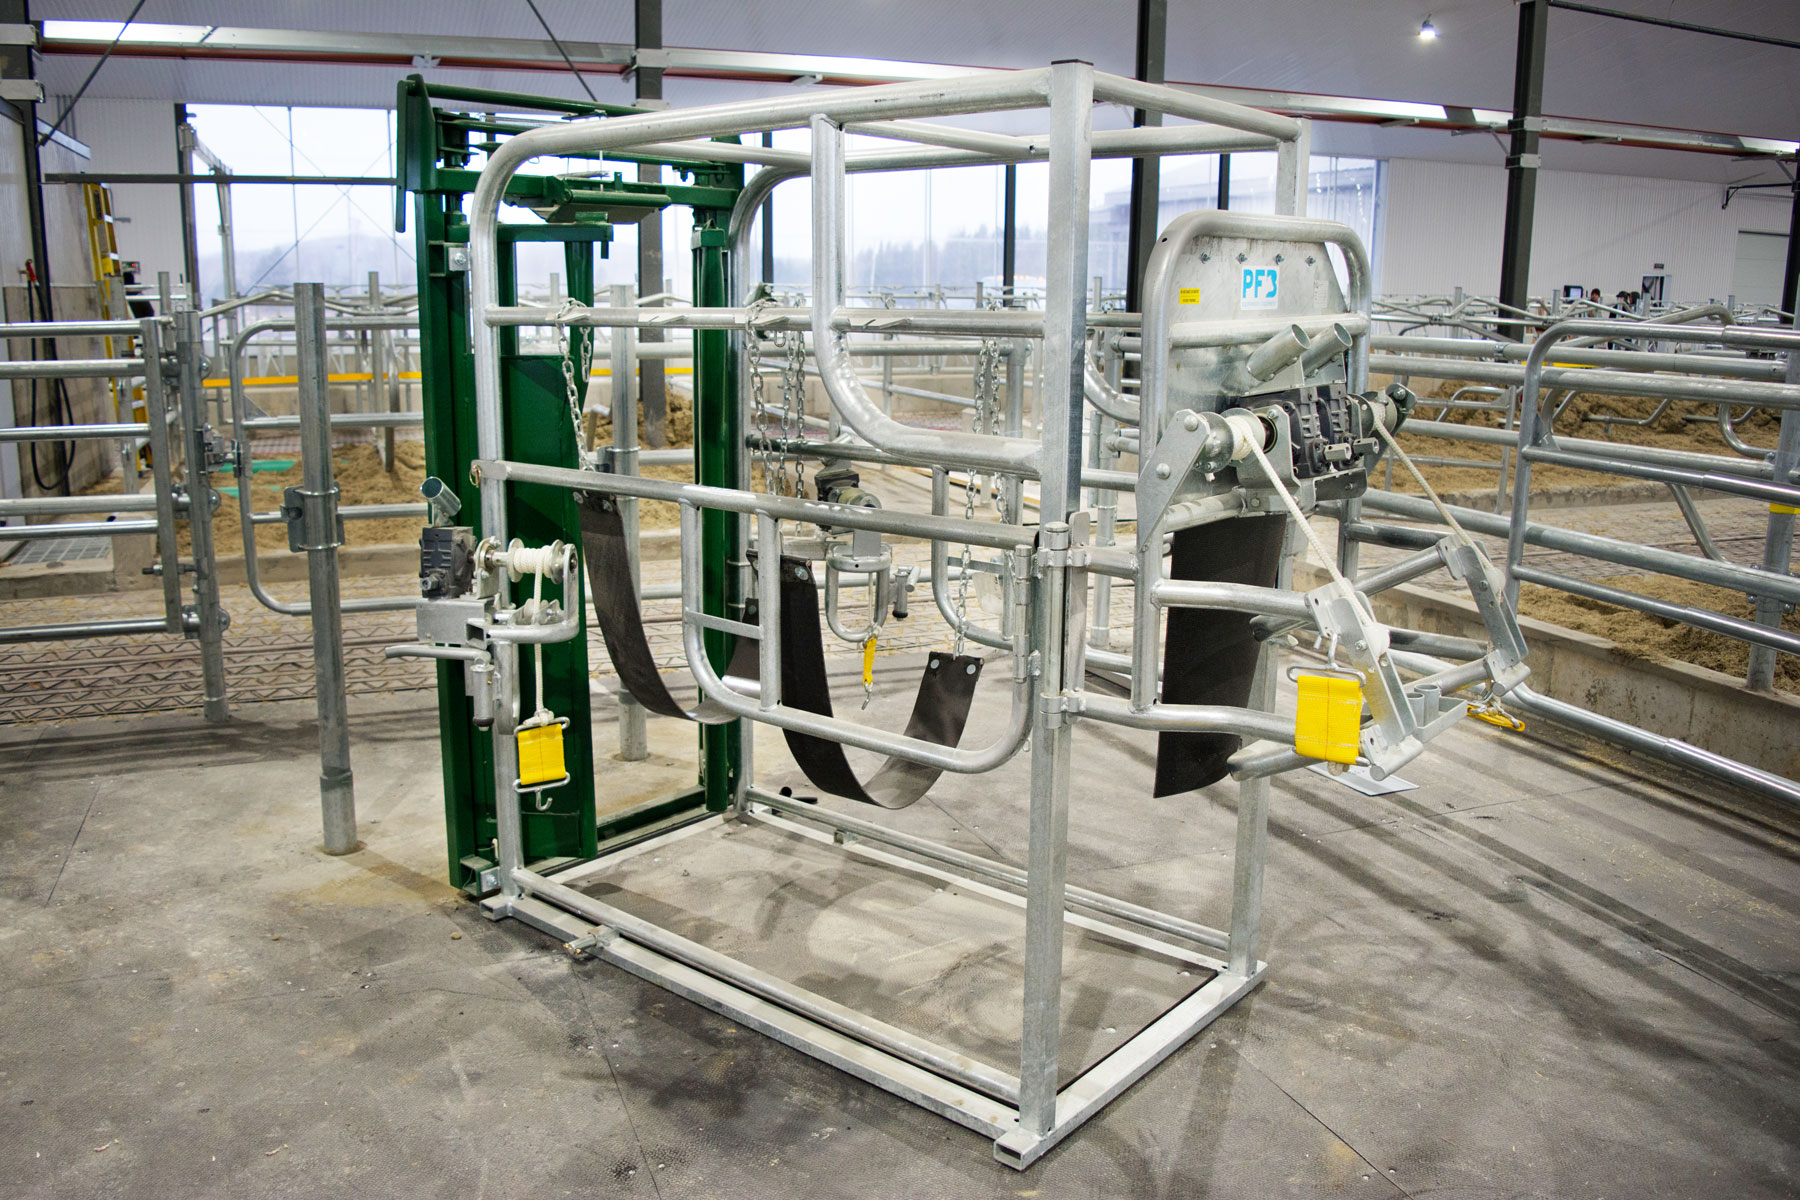 taille sabot installation agricole laitière / Équipements PFB